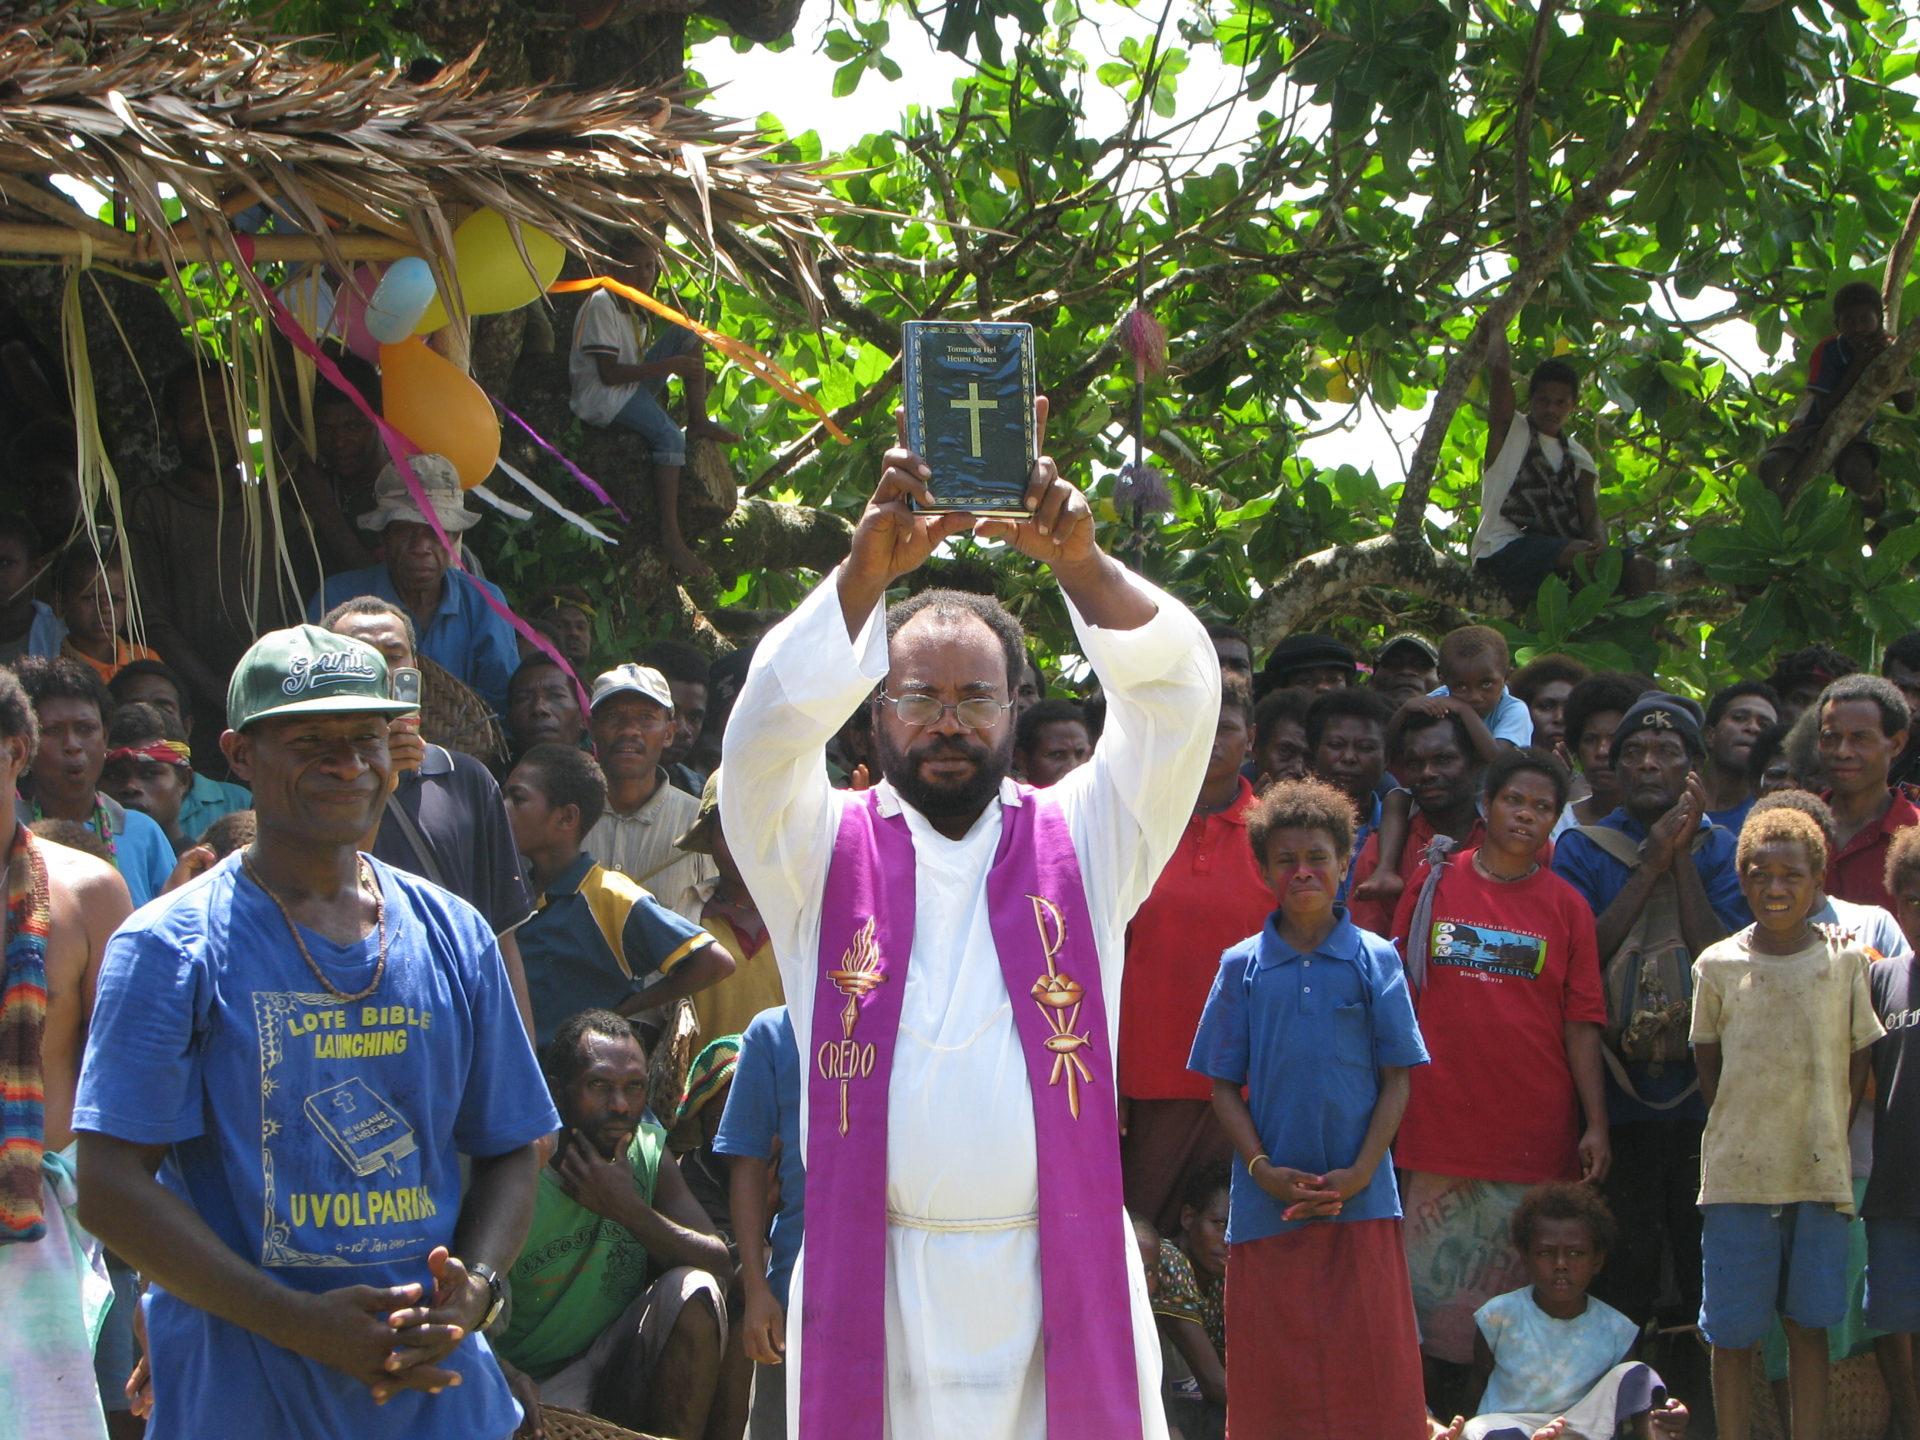 新約聖書を掲げる司祭